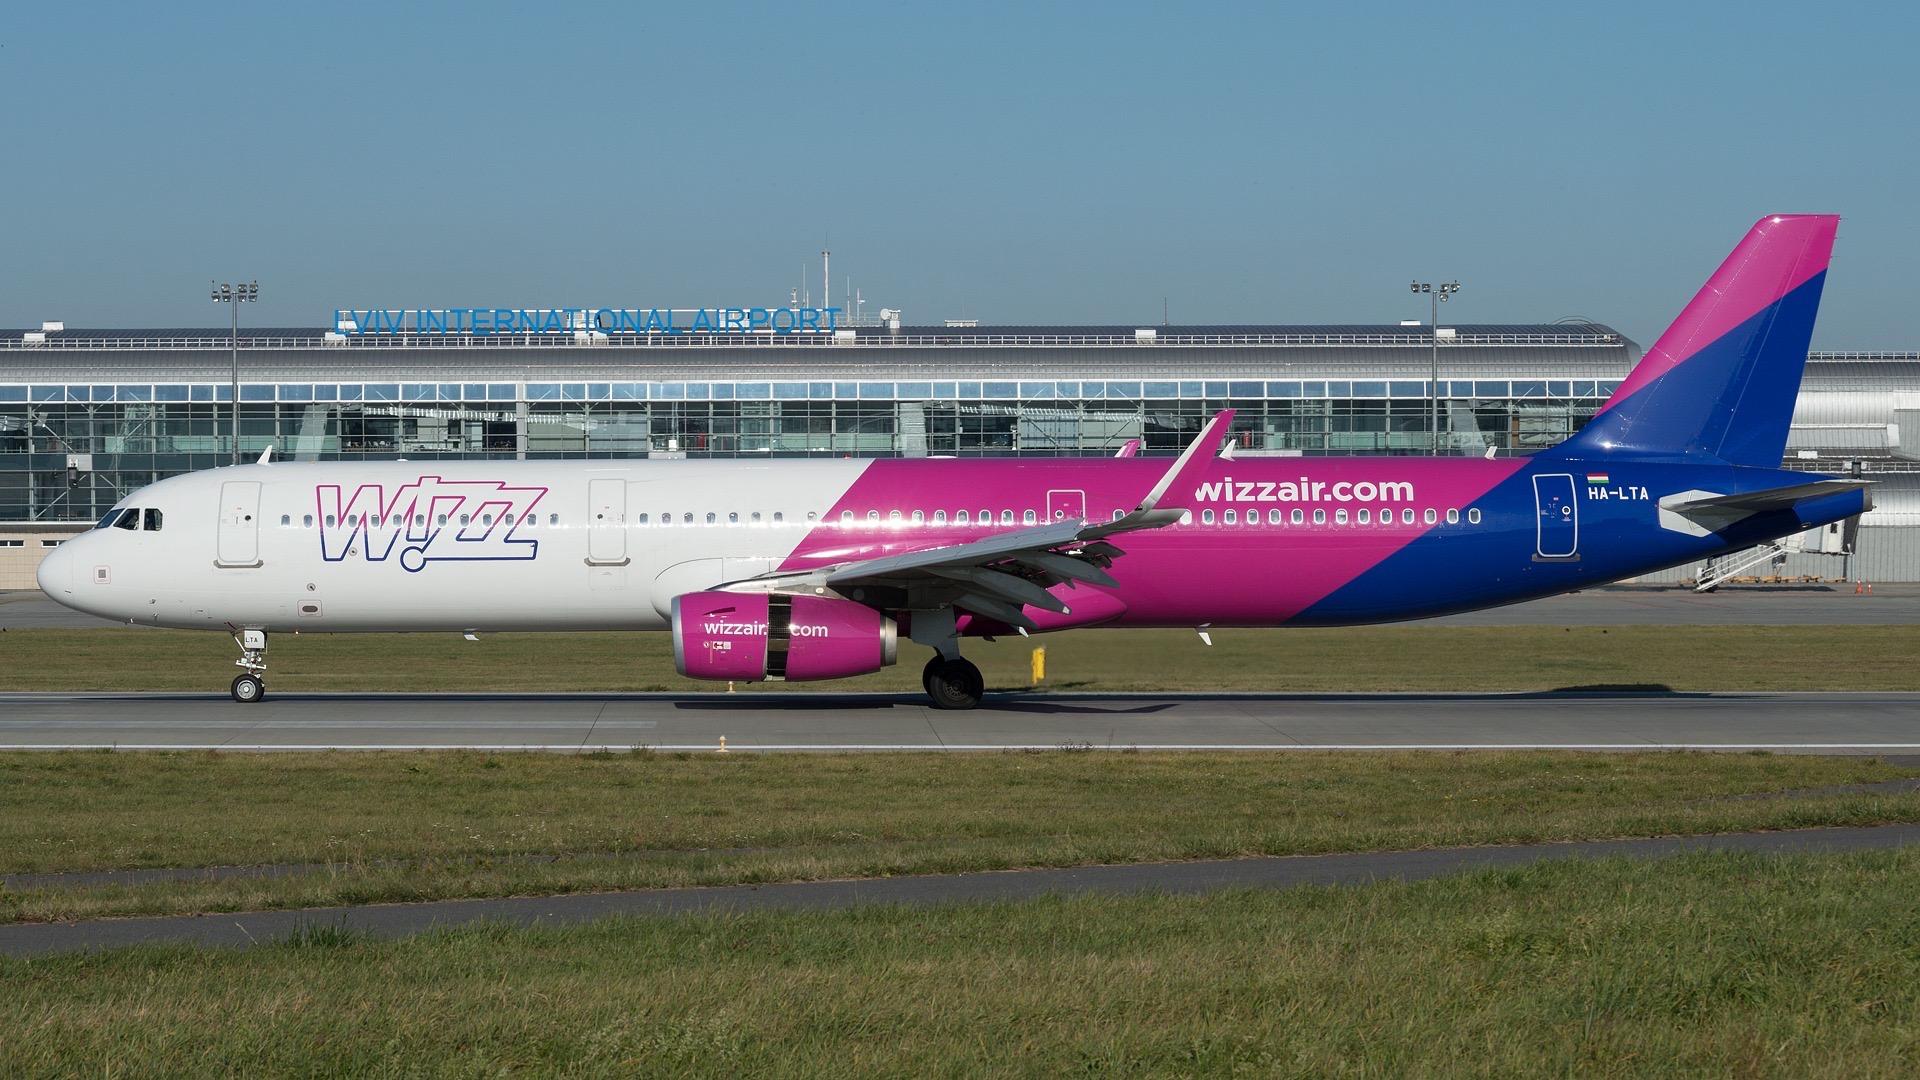 კორონავირუსისგამო, Wizz Air-ი საქართველოდან იტალიის მიმართულებით სიხშირეებს, დროებით, ამცირებს